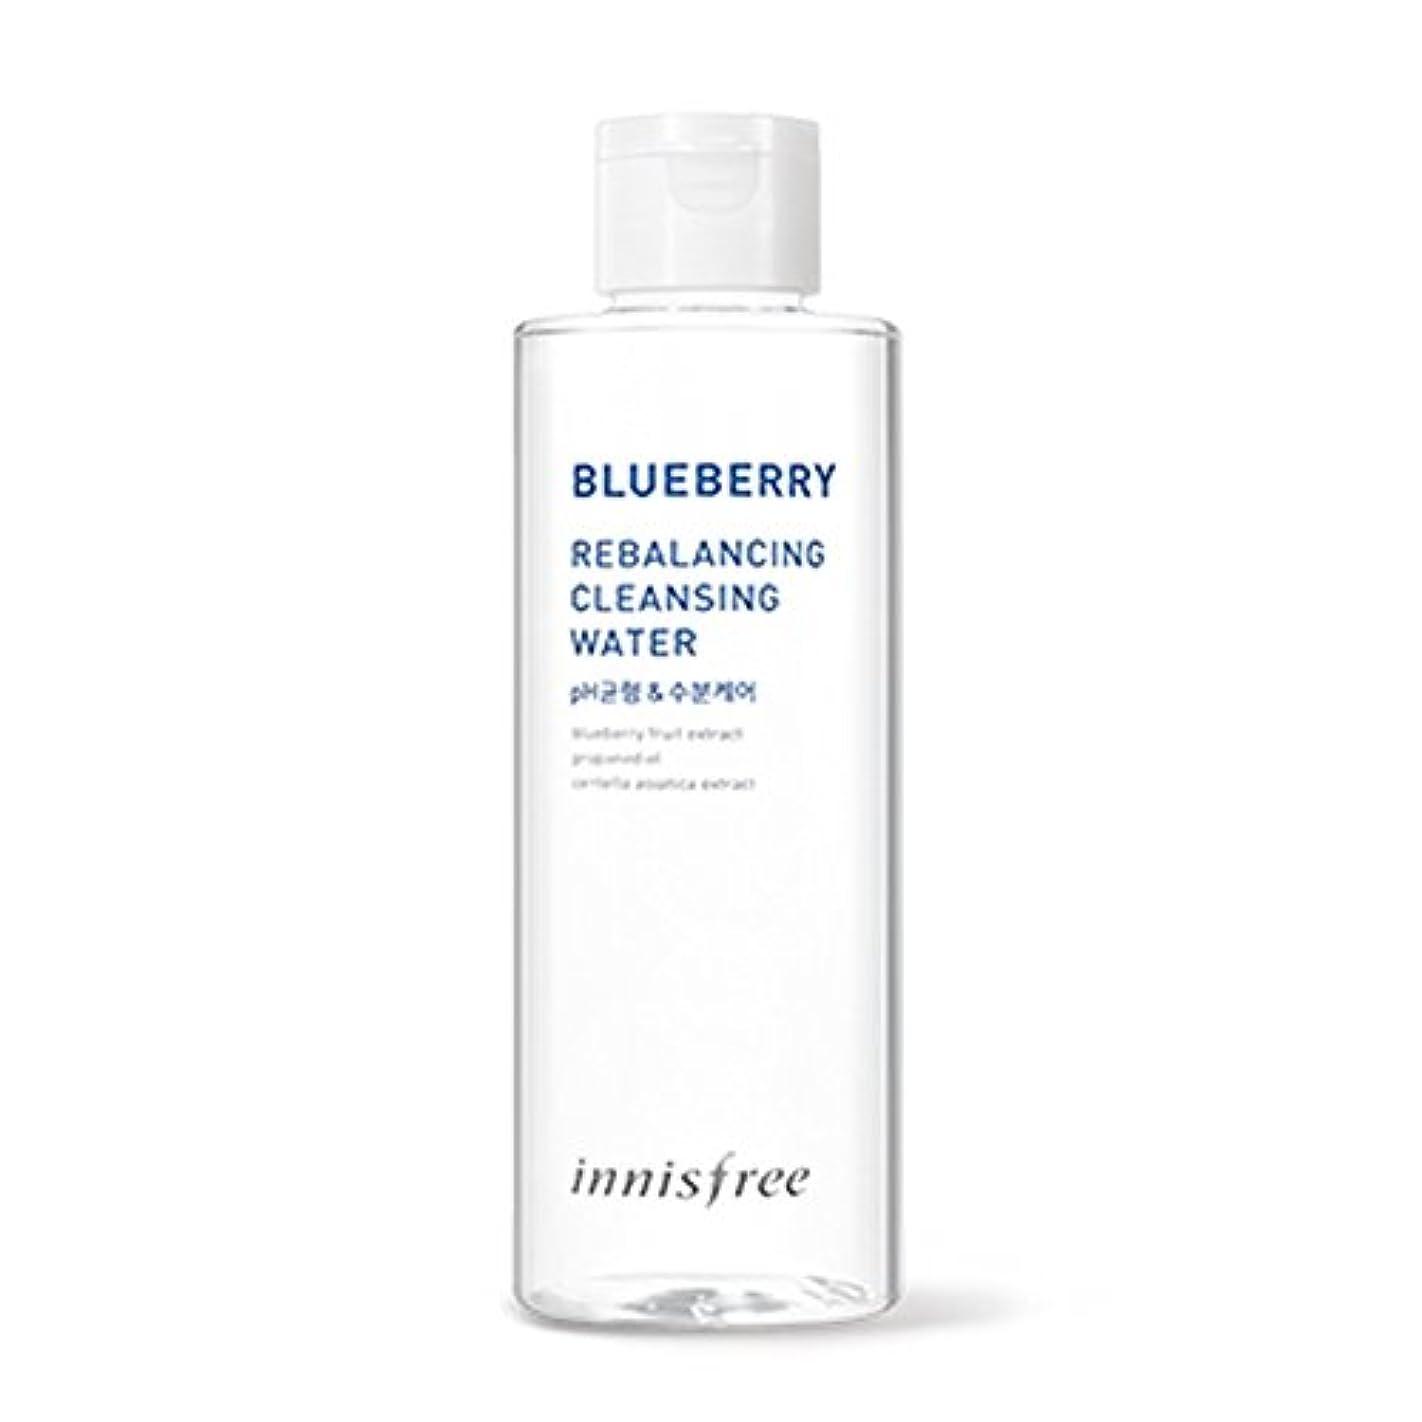 中級回路解読するイニスフリーブルーベリーリバランシングクレンジングウォーター200ml Innisfree Blueberry Rebalancing Cleansing Water 200ml [海外直送品][並行輸入品]